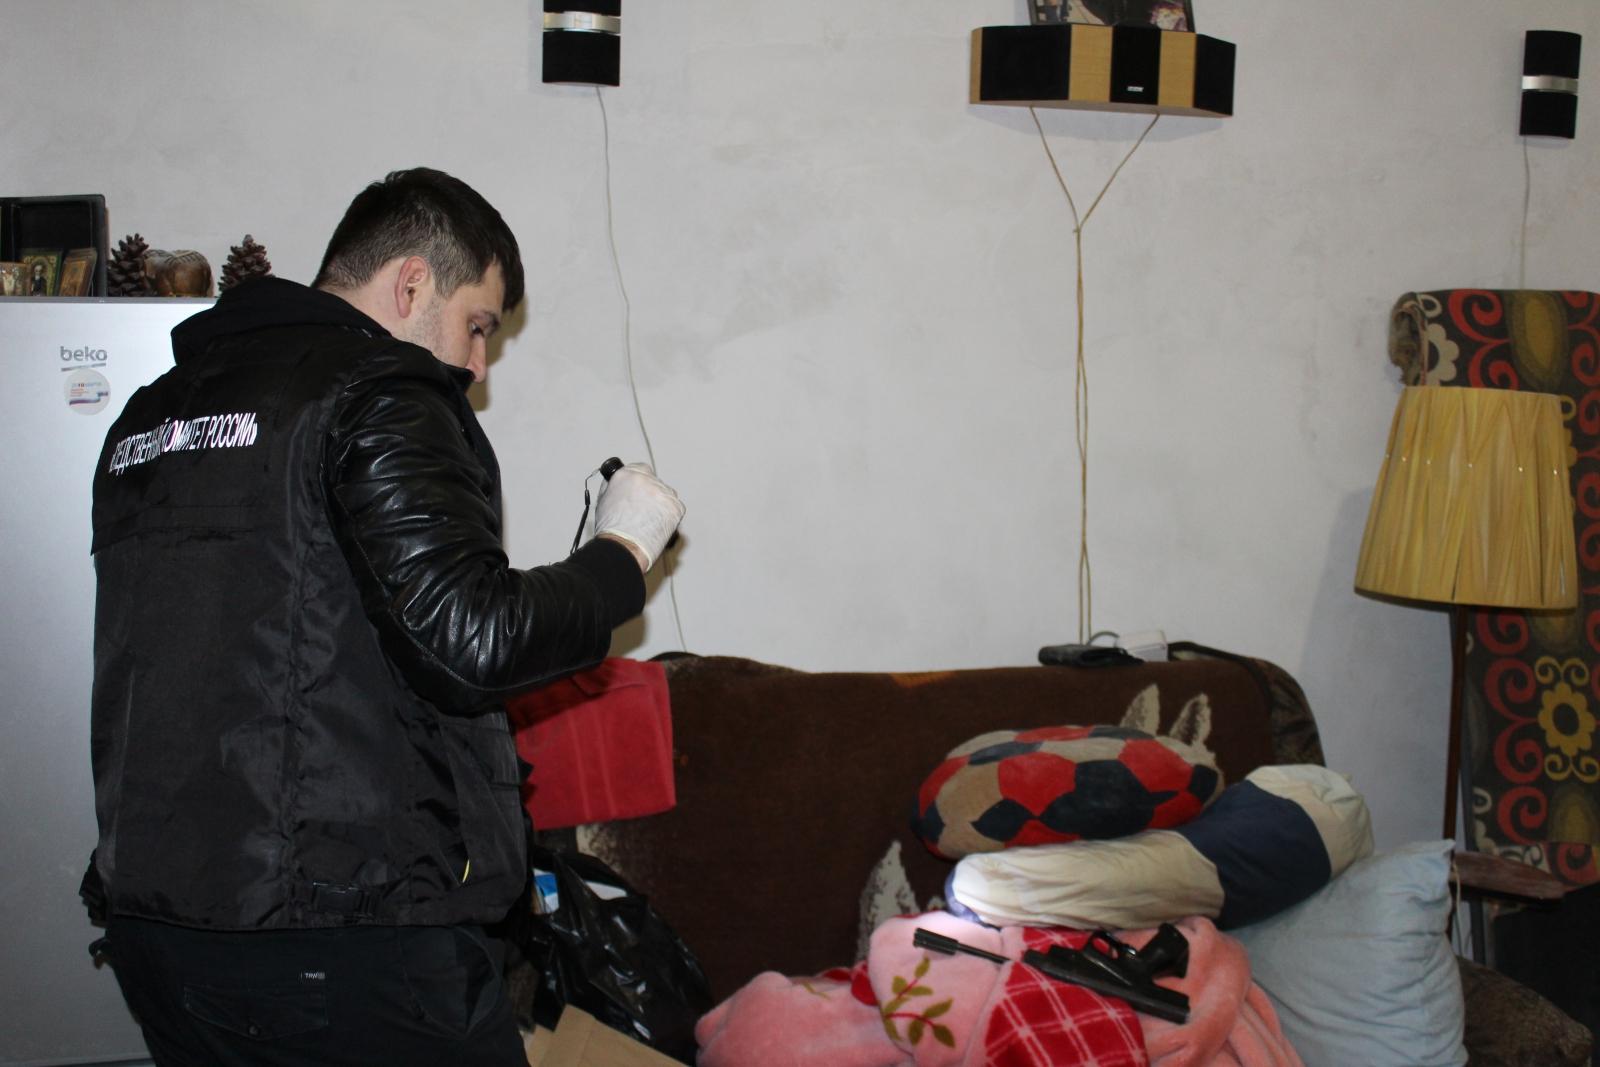 В Севастополе мужчина попытался убить приятеля из «травмата»